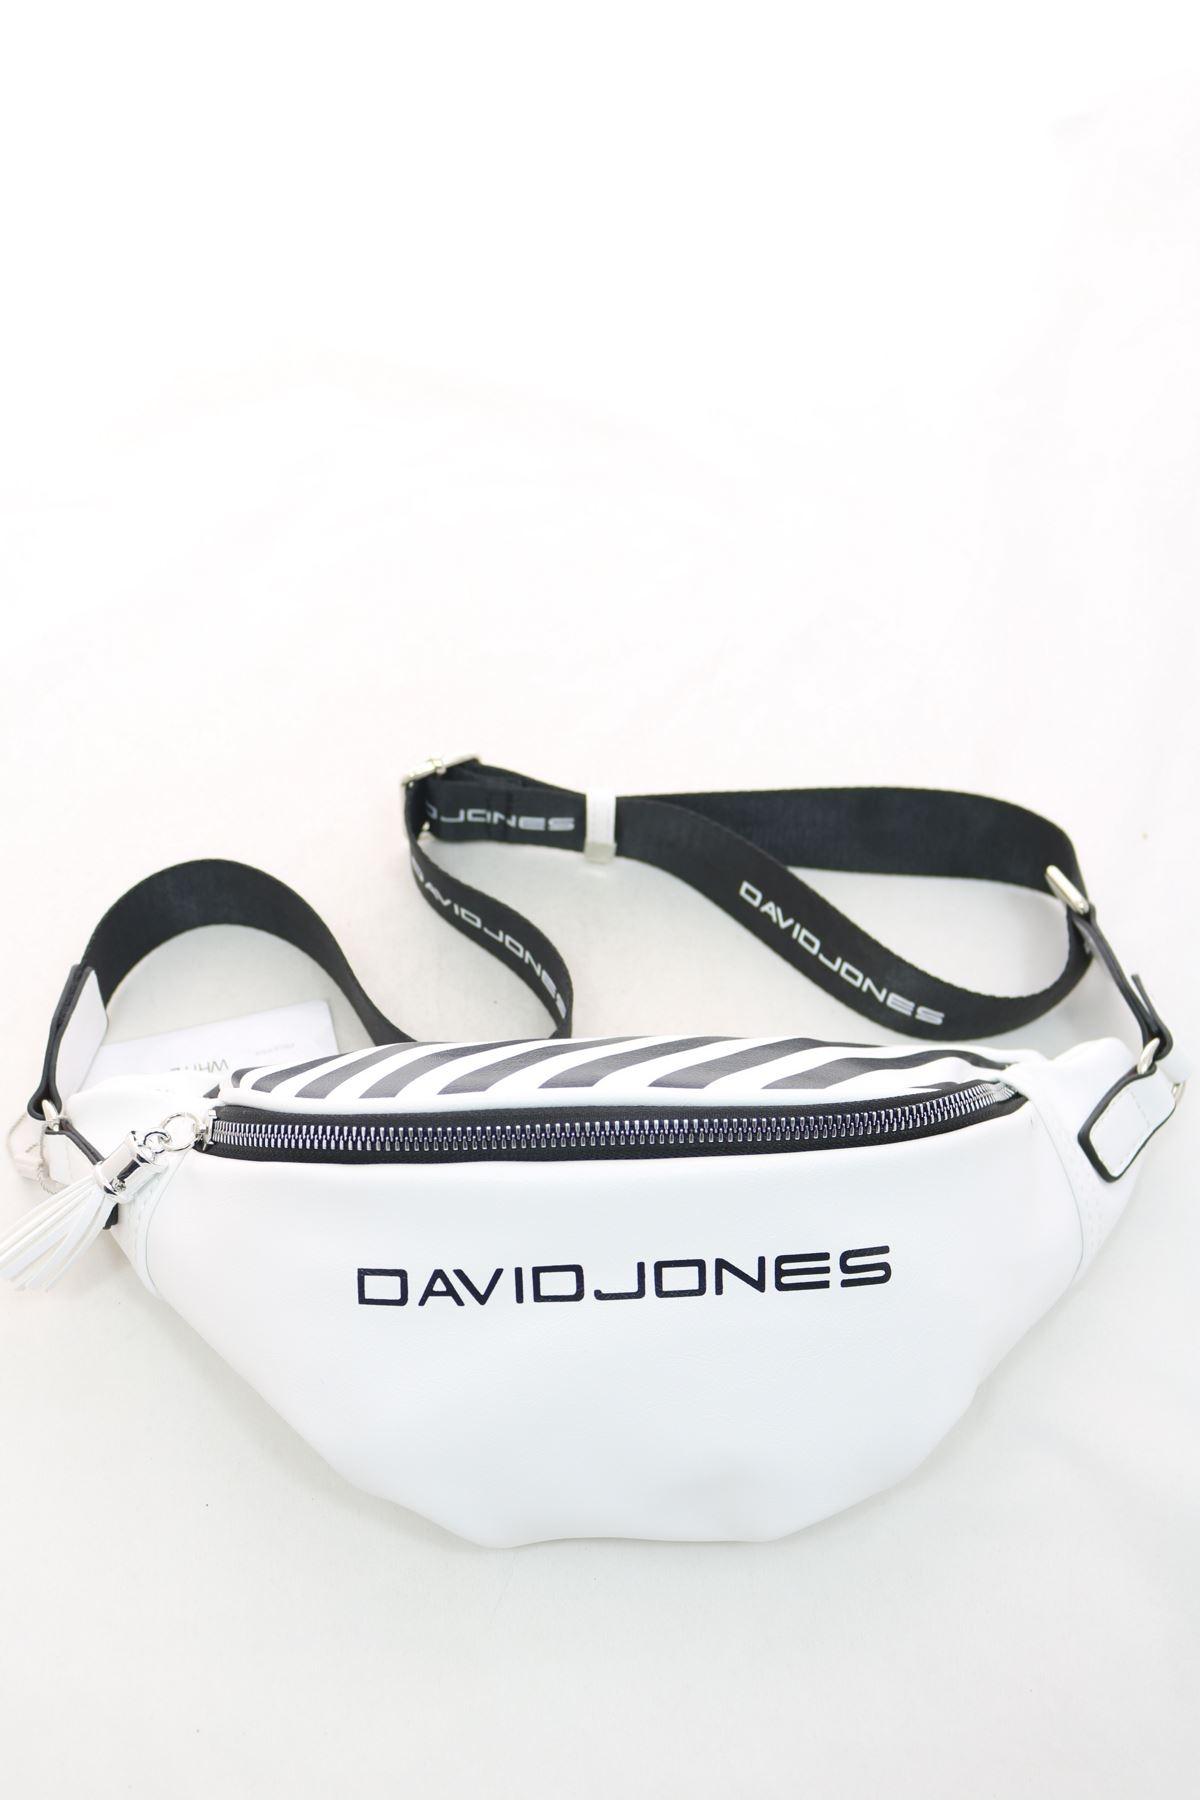 Сумка на пояс David Jones 5965-1 оптом